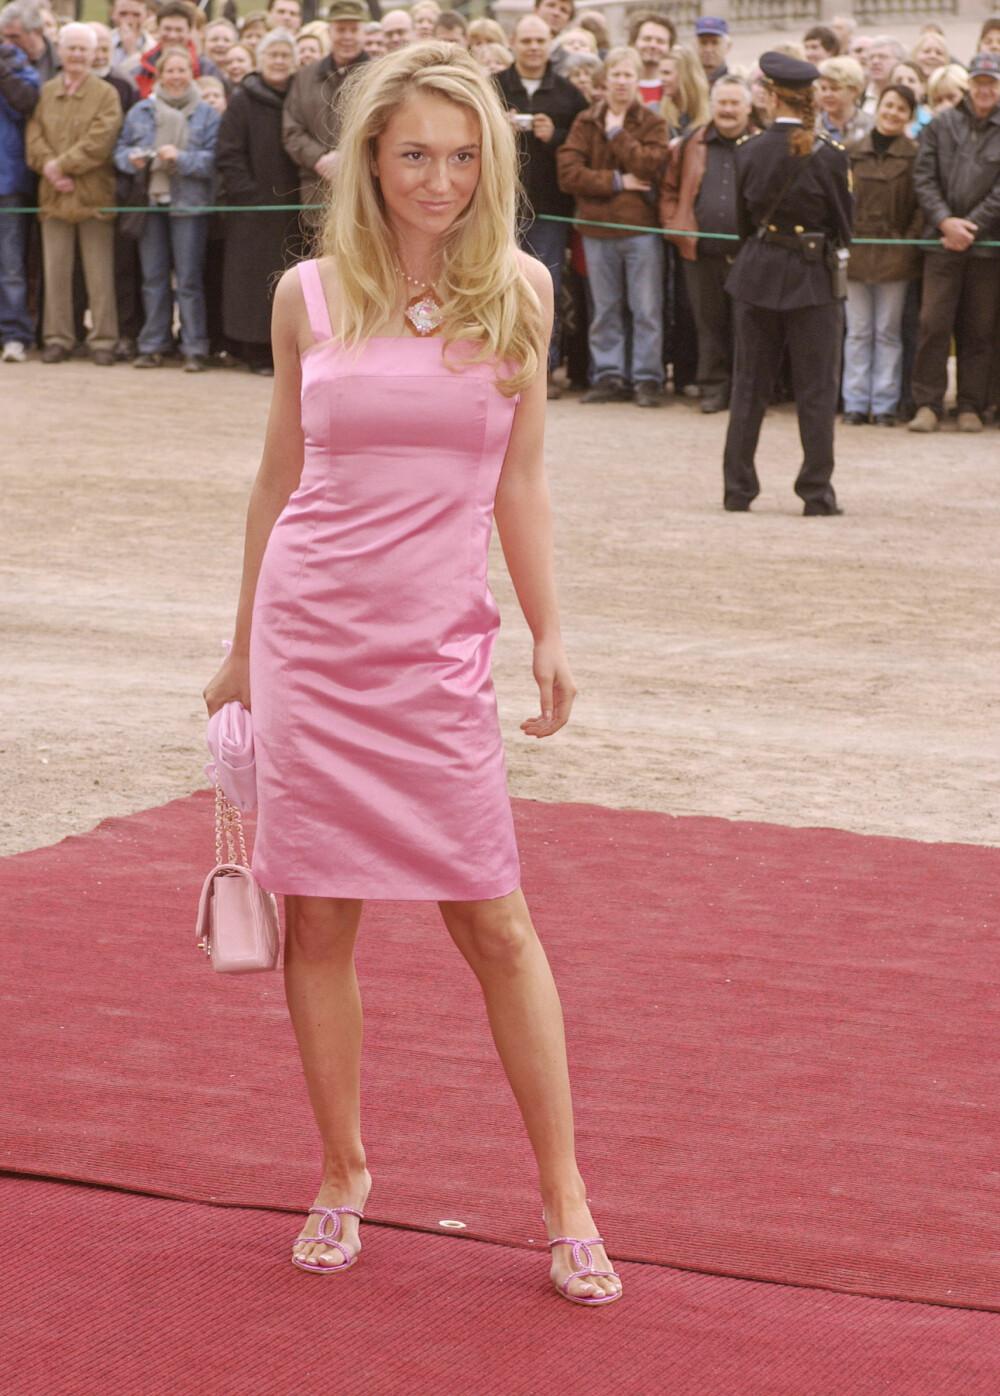 STERKT INNTRYKK: Pia ble kjent da hun stilte opp på den røde løperen i denne kjolen under dåpen til prinsesse Ingrid Alexandra i 2004.